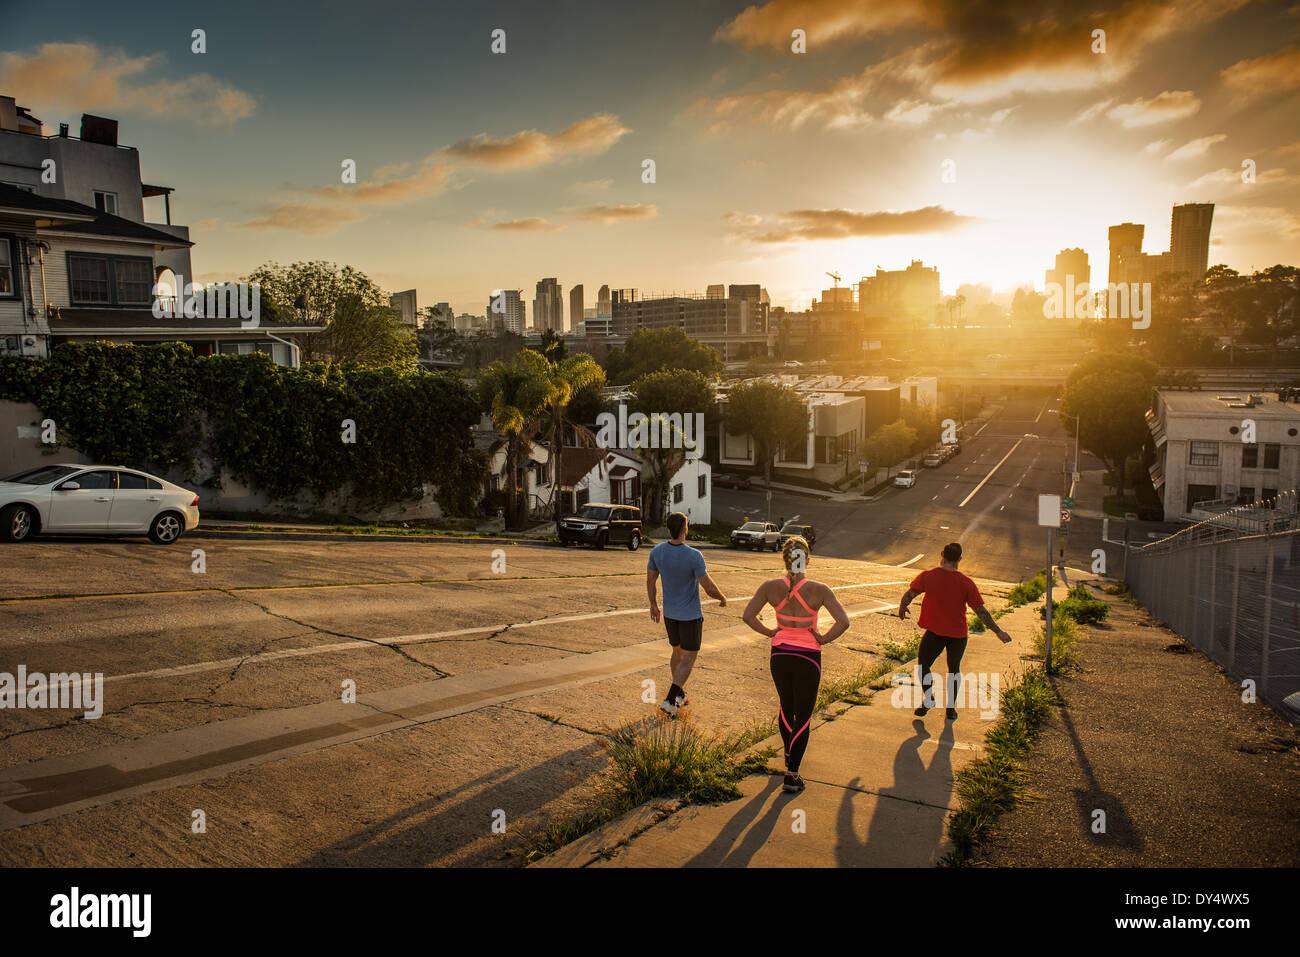 Equipo de corredores corriendo por una empinada colina de la ciudad Imagen De Stock